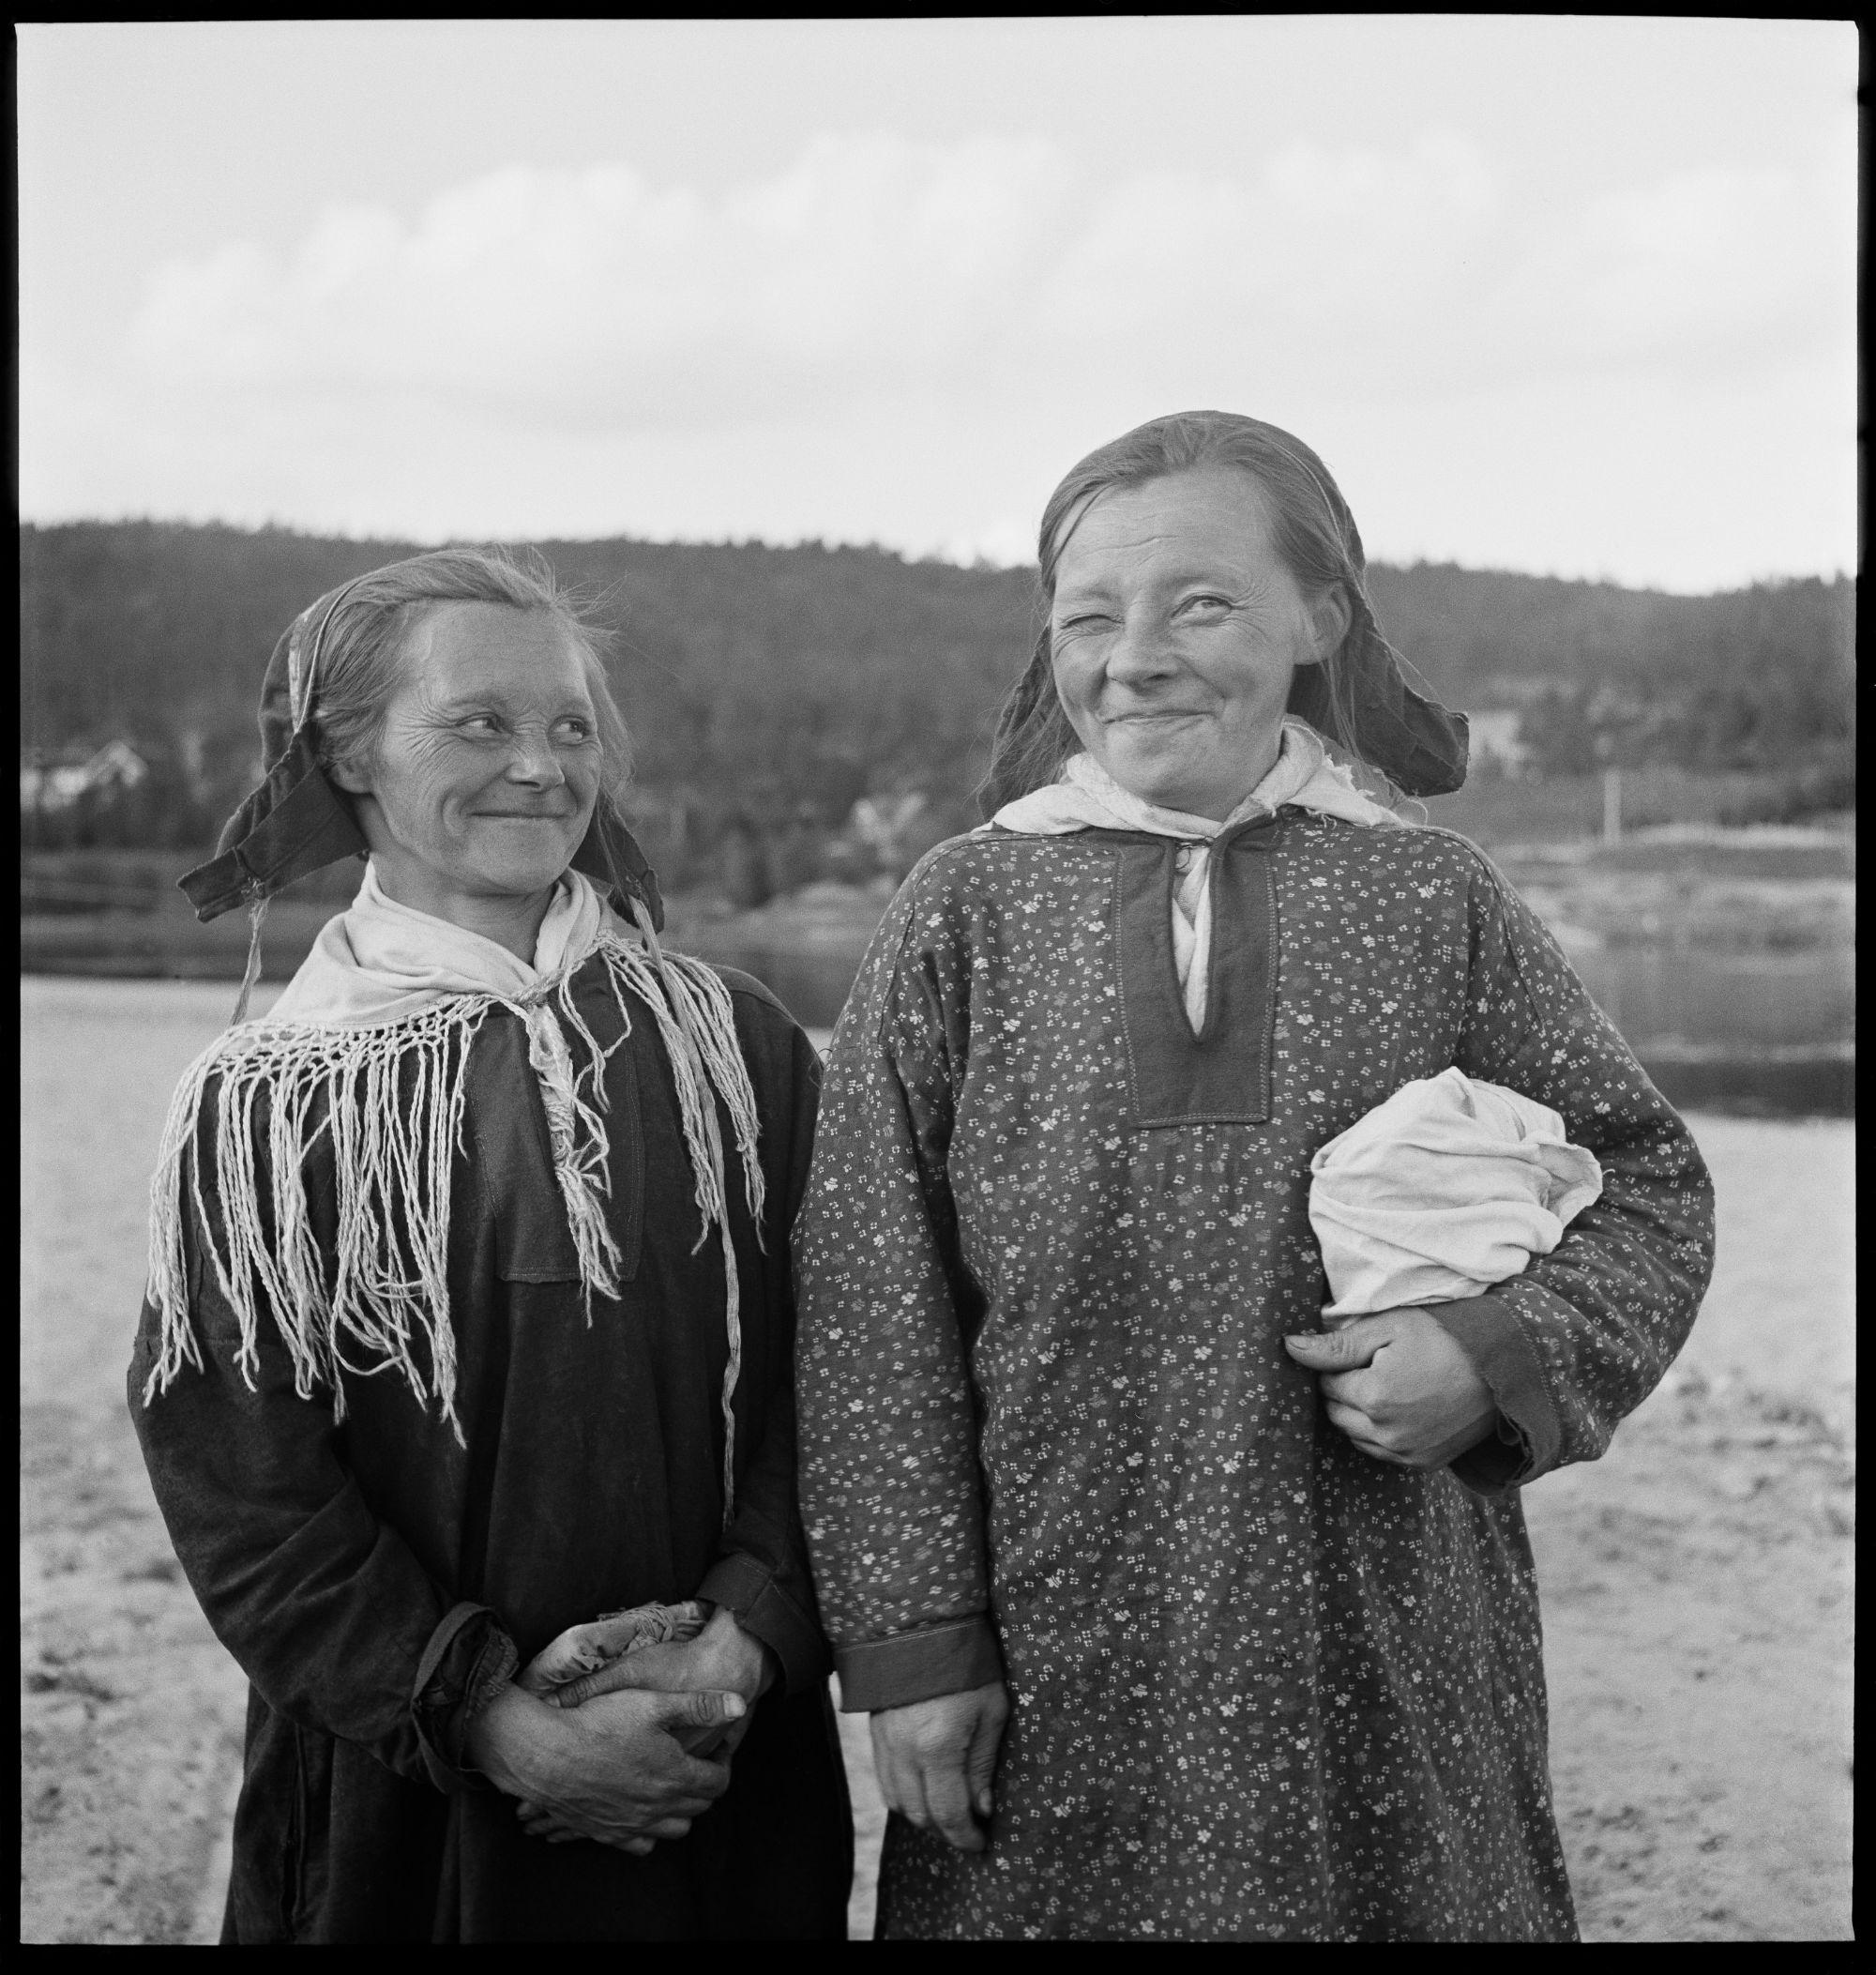 Foto: Elisabeth Meyer, Elvesamer fra Karasjok, 1940-tallet. Eier: Preus museum, Elisabeth Meyers arkiv Andre eiere: Finnmark fylkesbibliotek